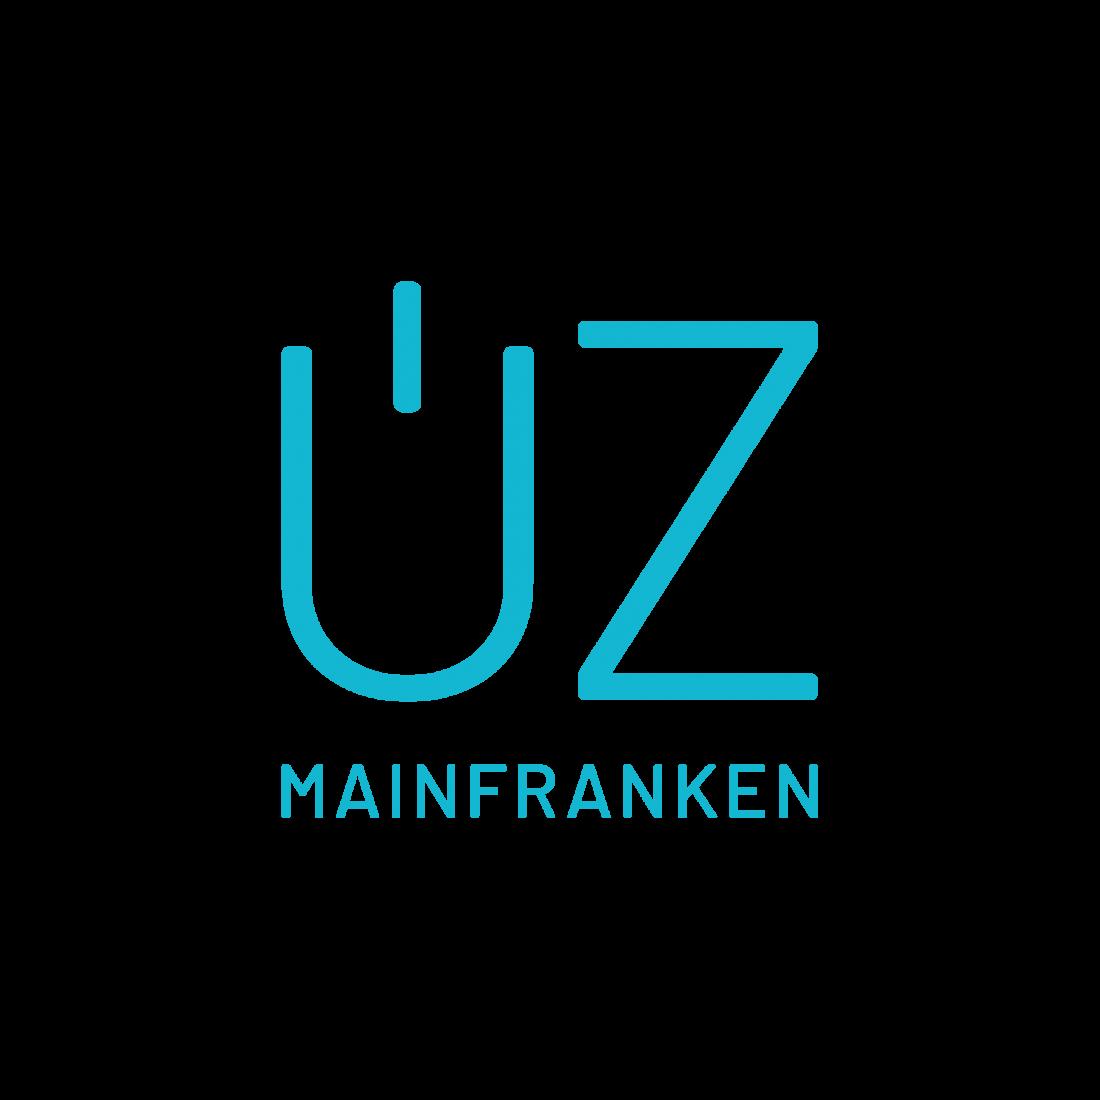 ÜZ Mainfranken